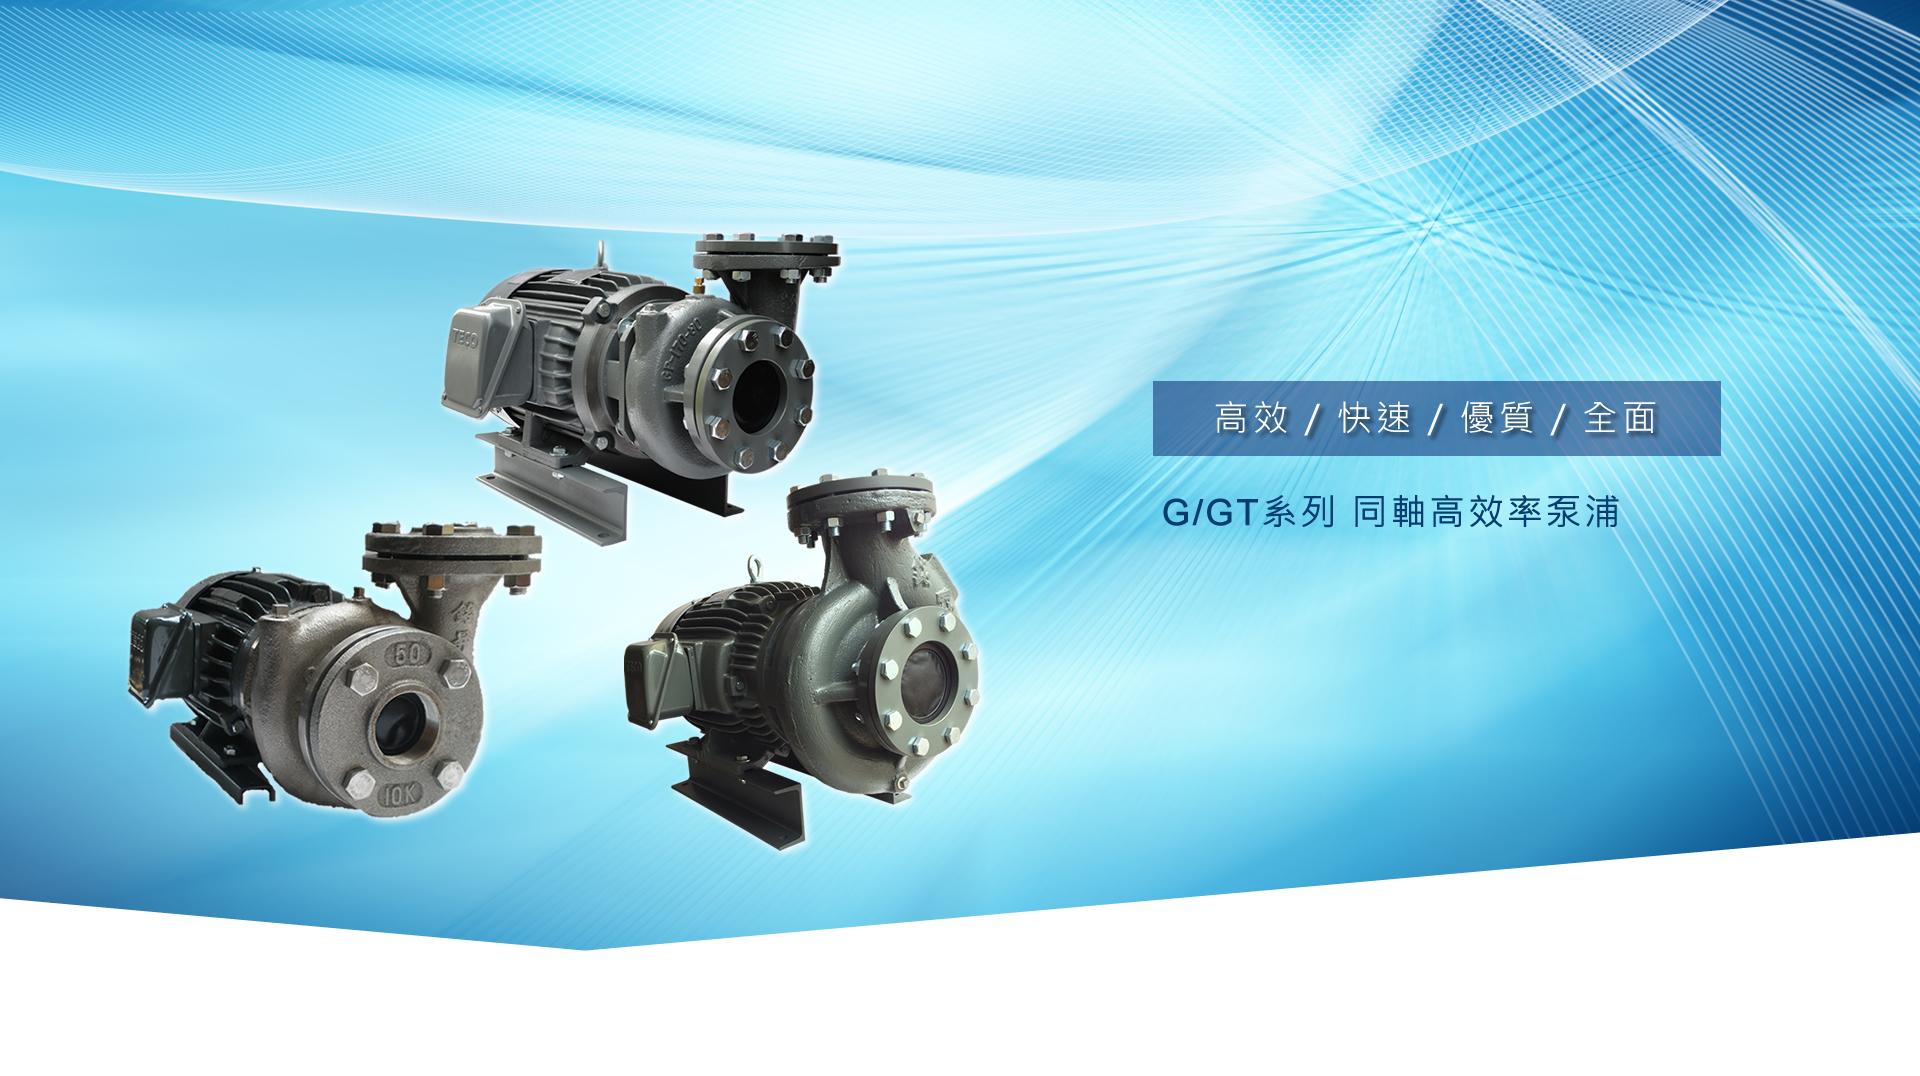 GT系列同軸高效率泵浦